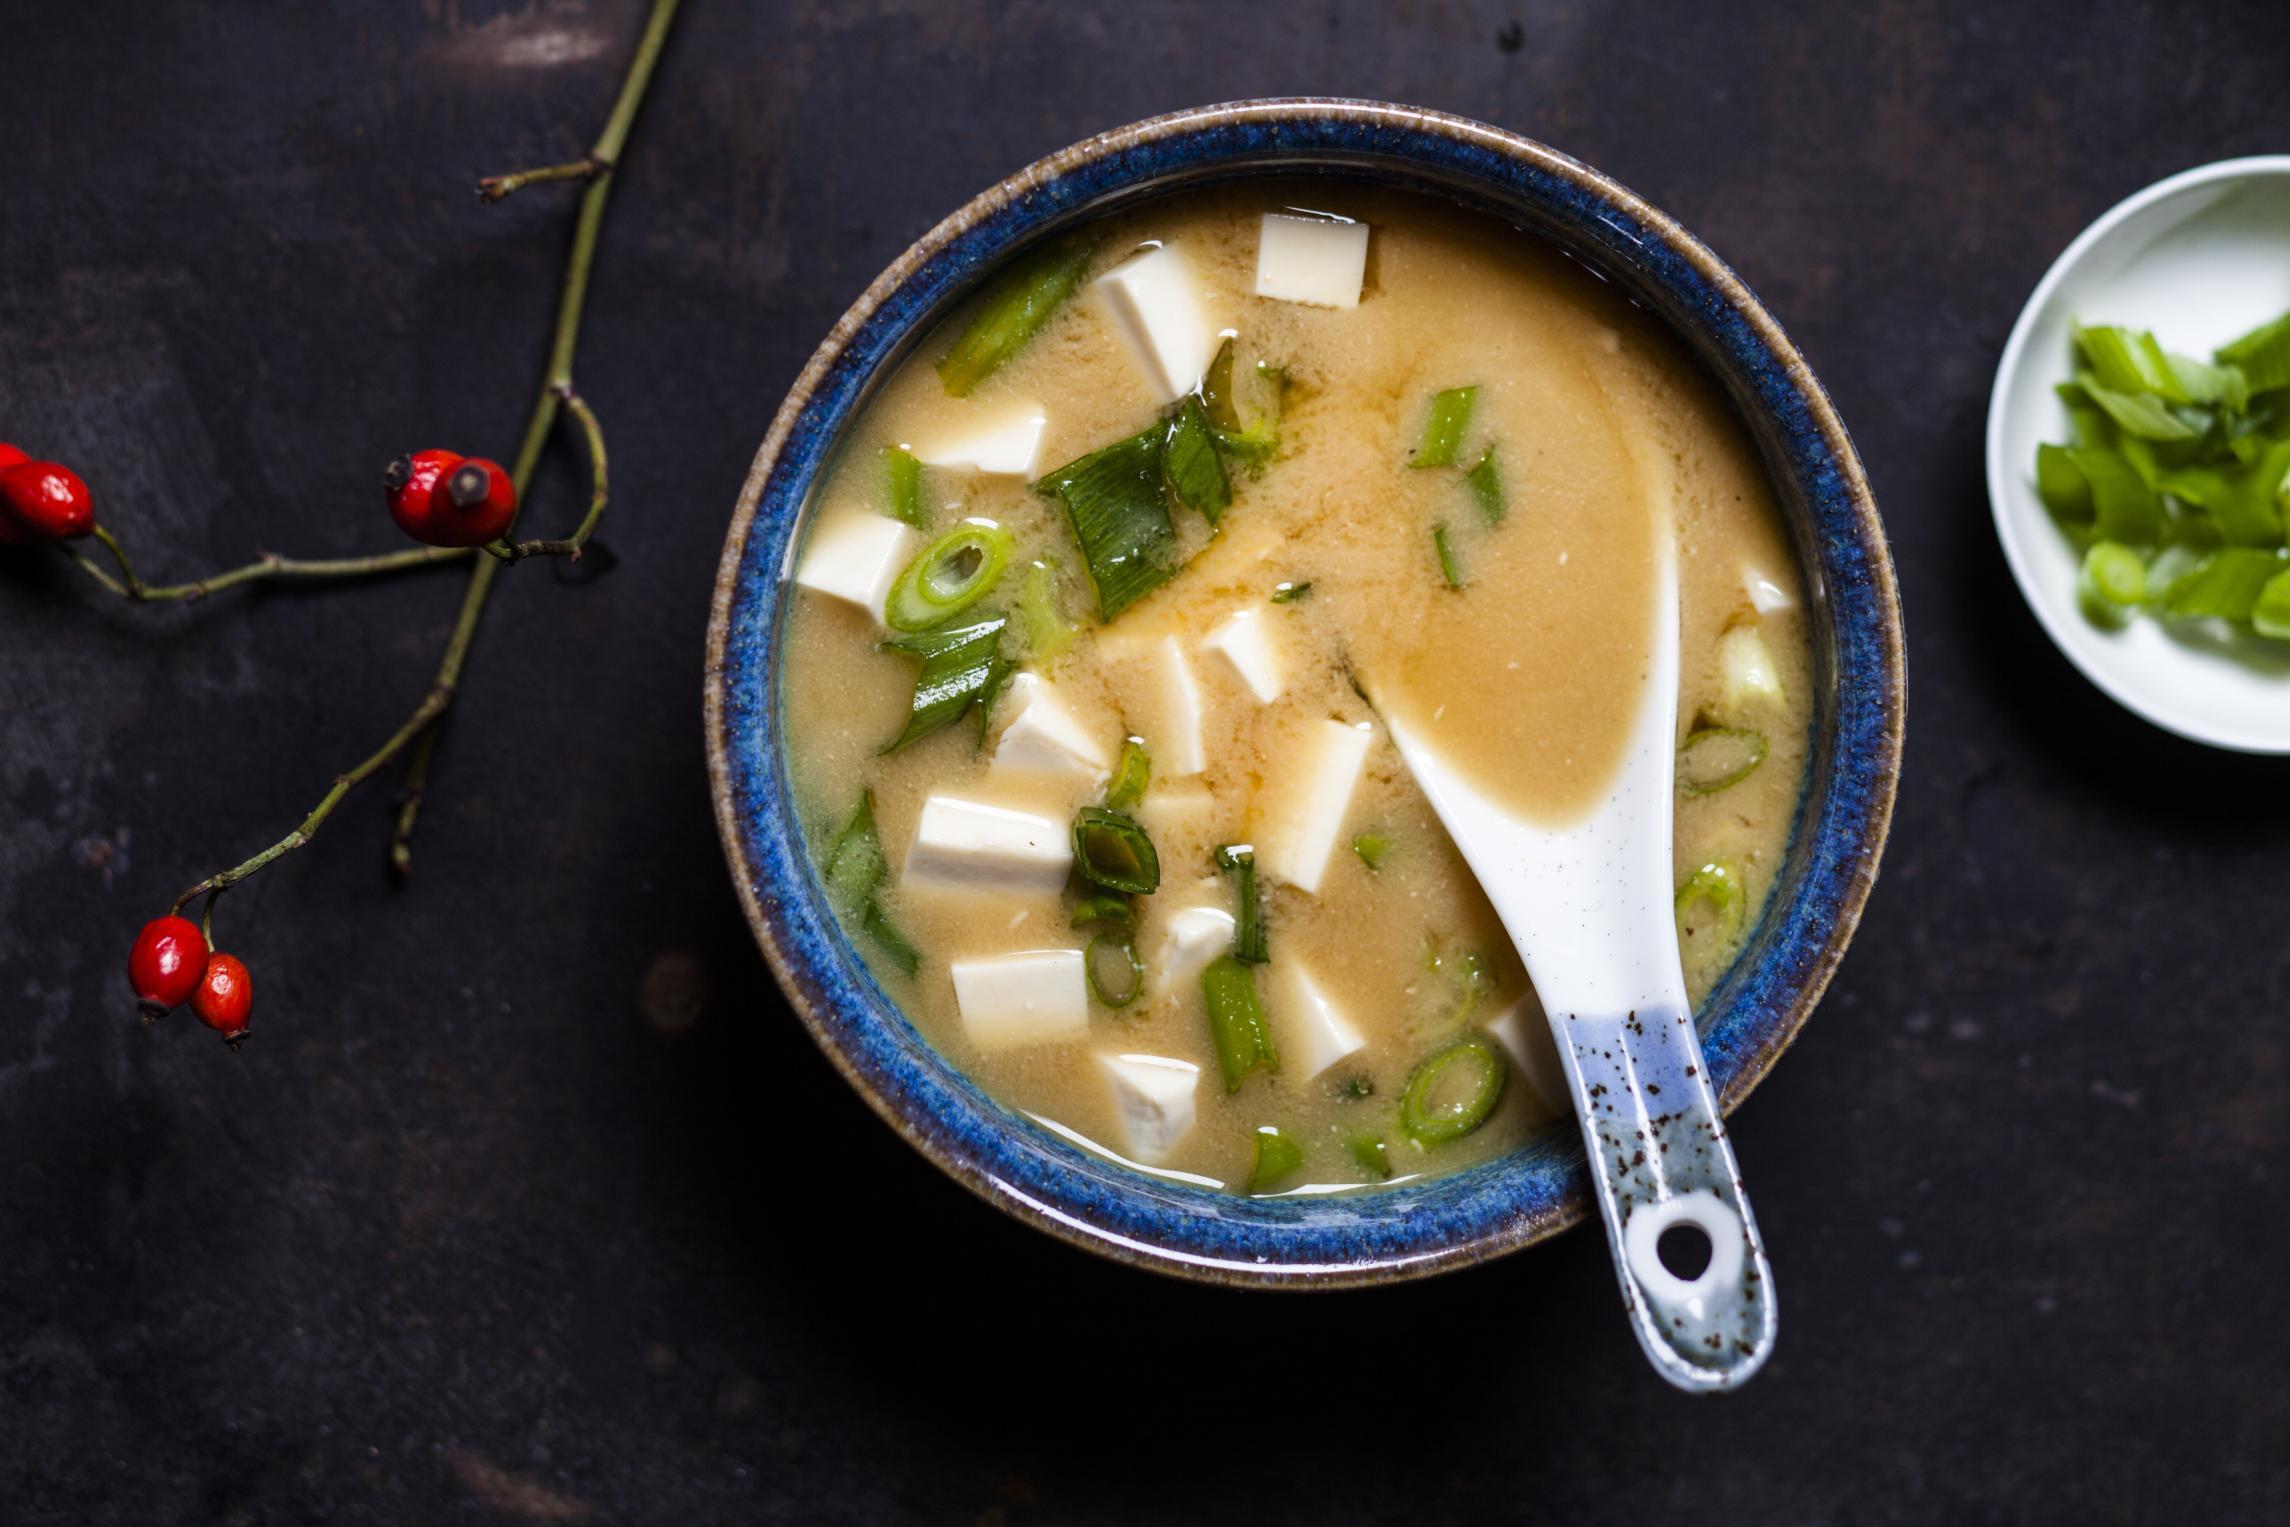 Fermentieren: Mehr Umami geht nicht: Das fermentierte Miso macht aus dieser japanischen Suppe mit Tofu und Frühlingswiebeln eine Delikatesse.